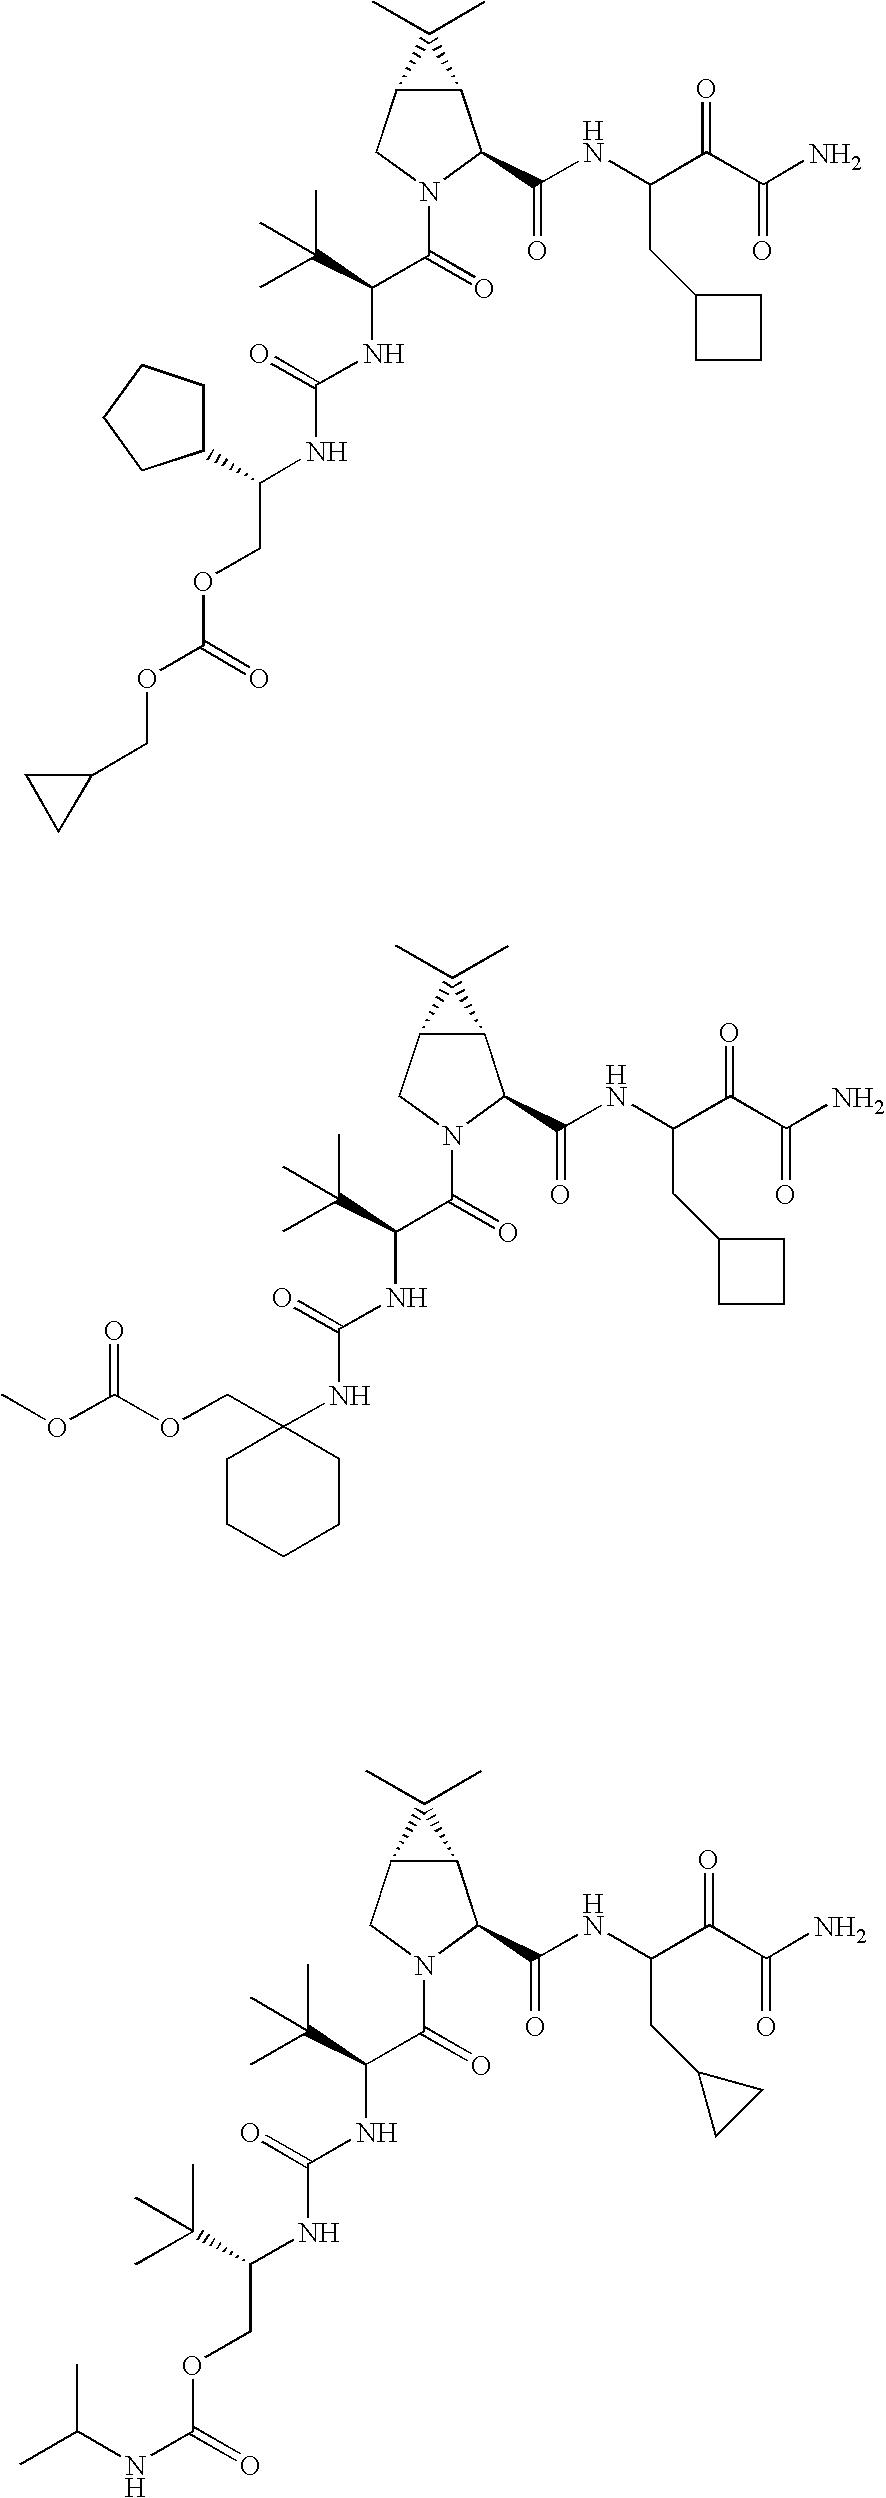 Figure US20060287248A1-20061221-C00363